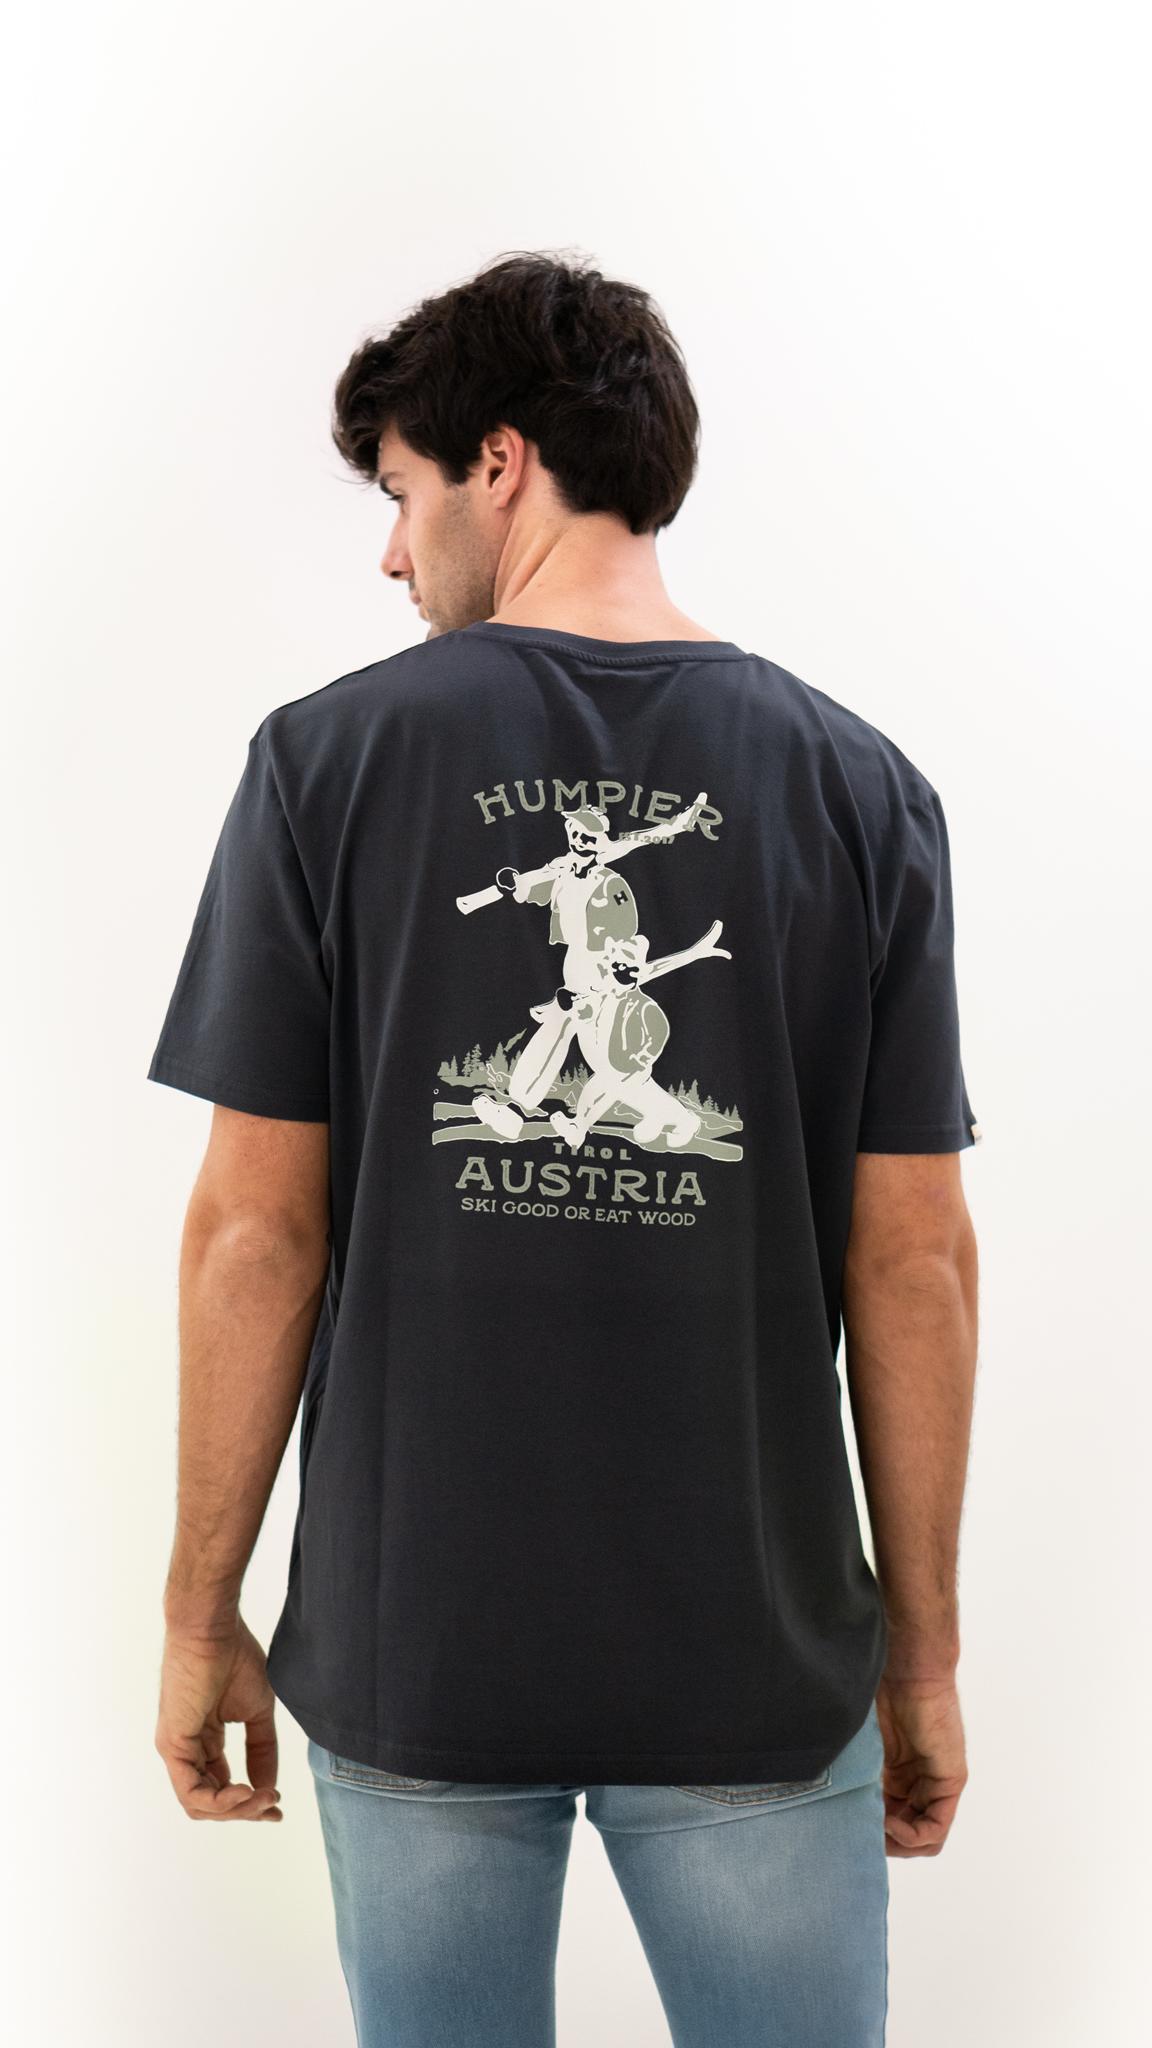 Camiseta Tirol - Austria | Humpier | Edición limitada